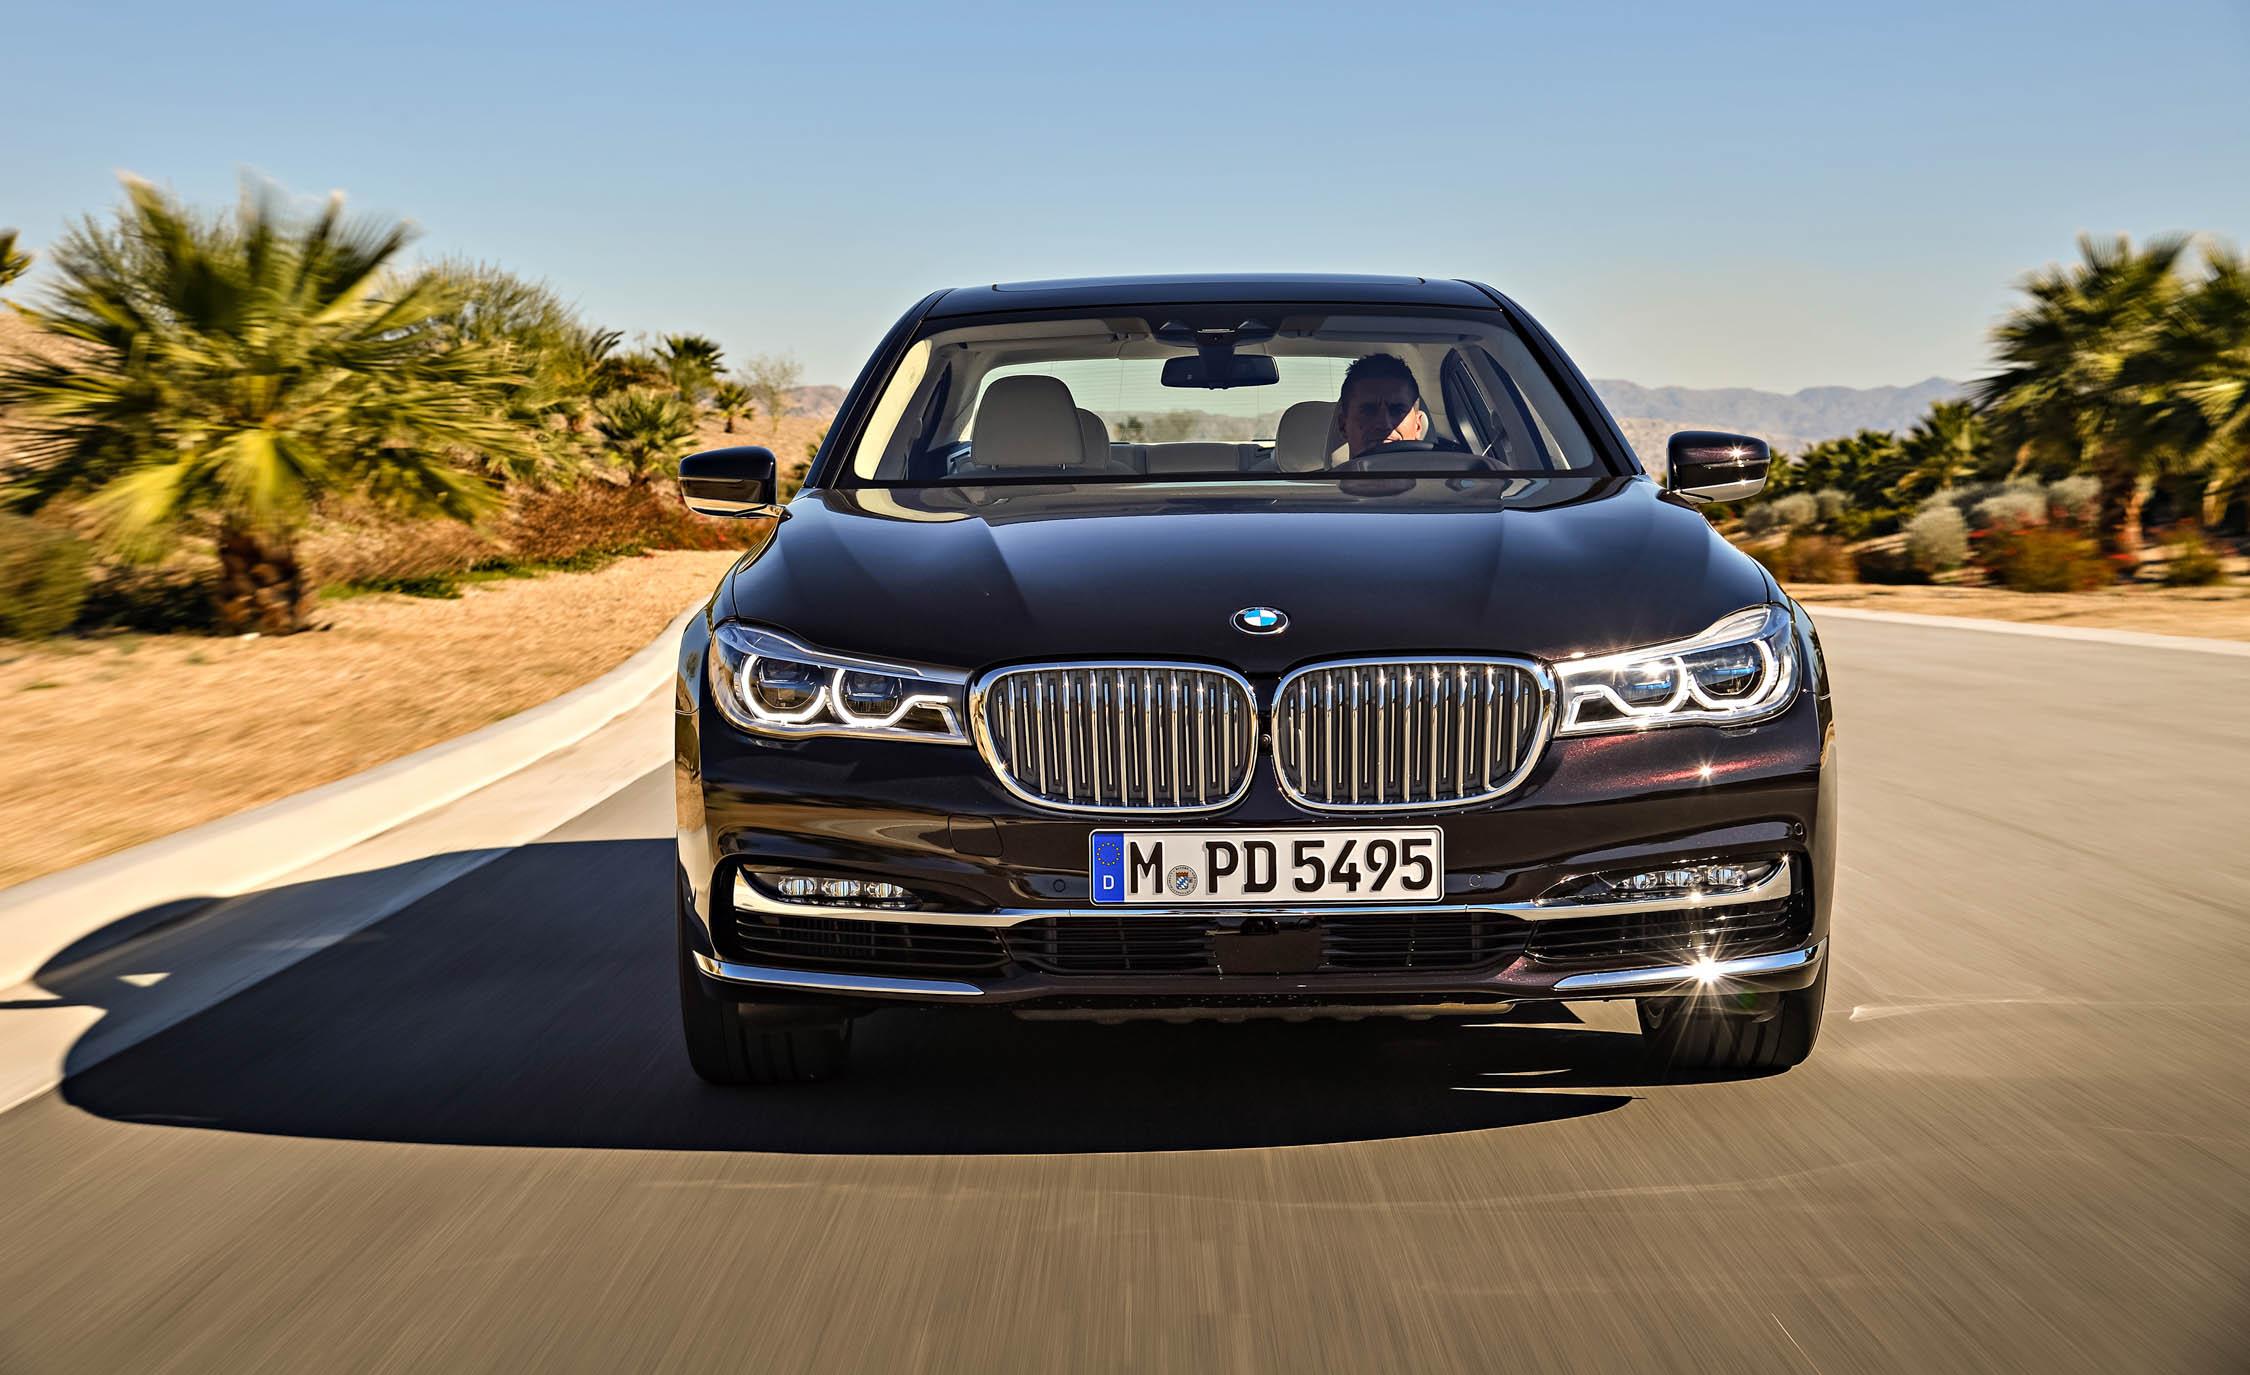 2017 BMW M760Li XDrive Test Drive Front View (View 62 of 76)